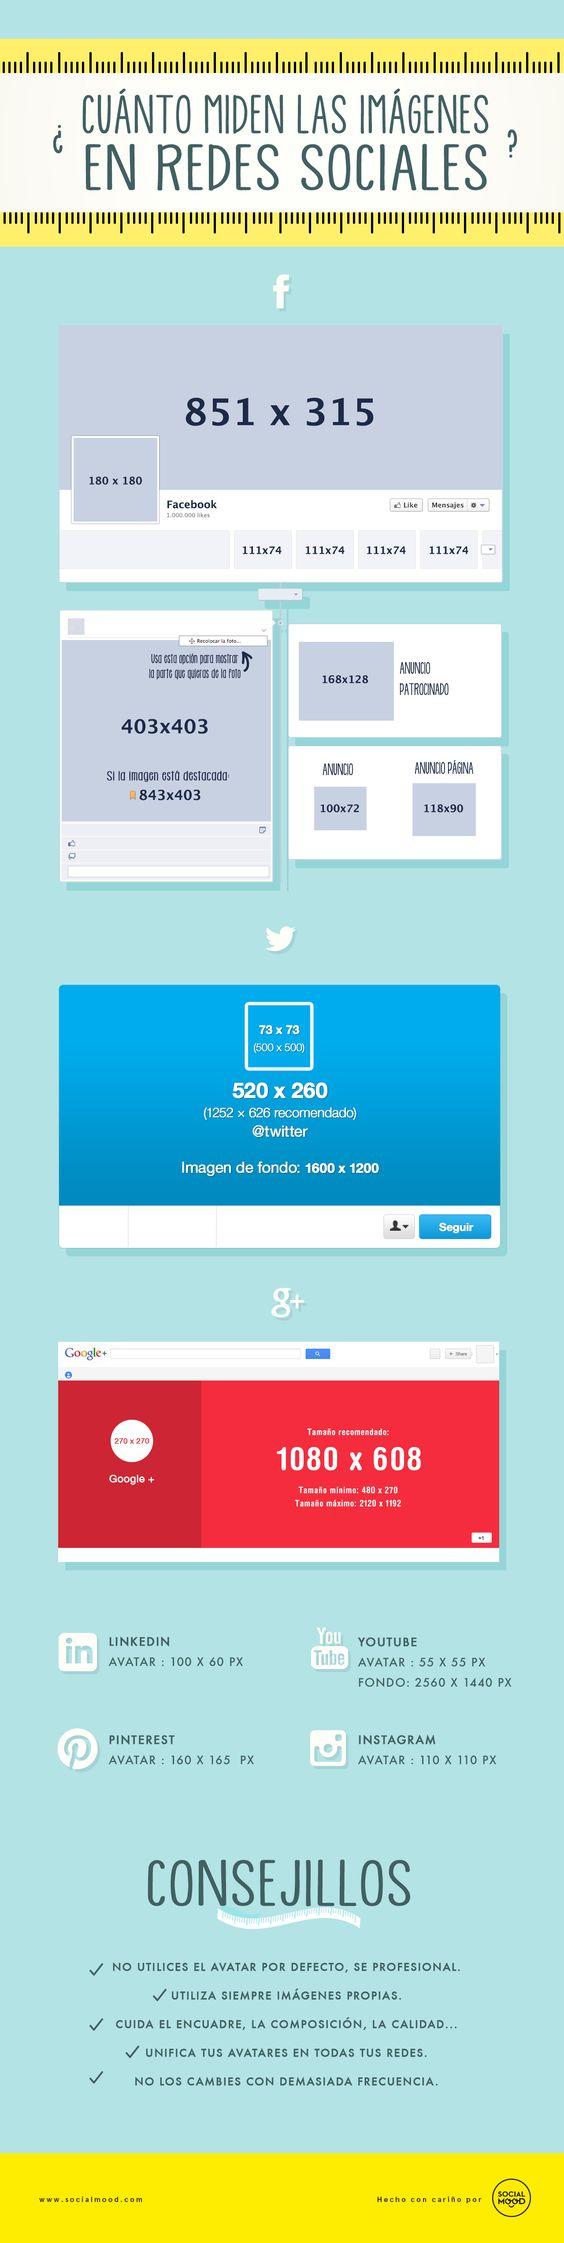 ¿Cuánto miden las imágenes en redes sociales? #Infografía en español #RedesSociales #SocialMedia